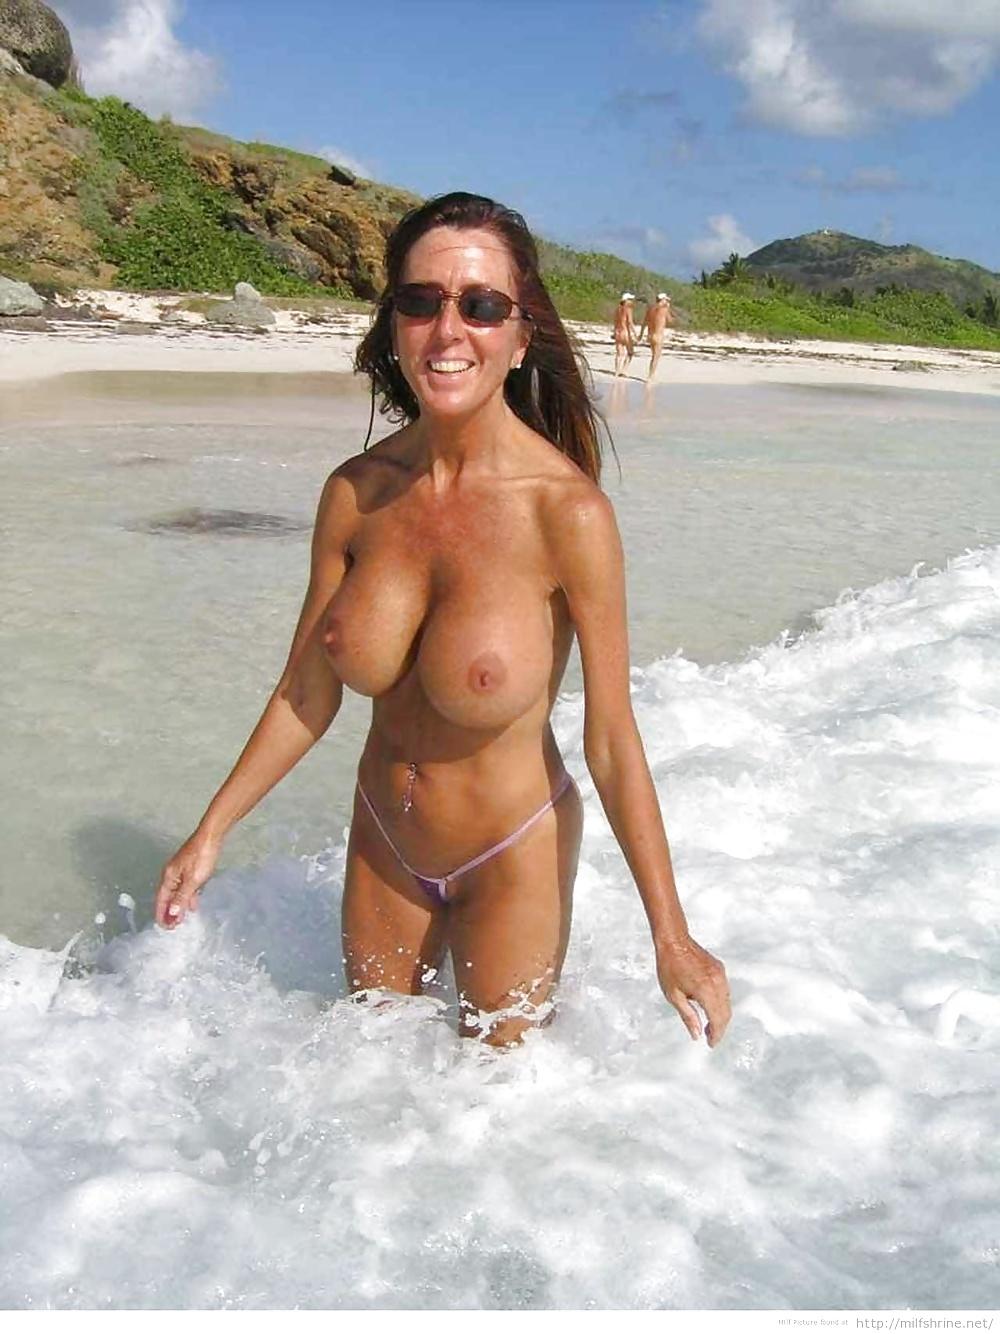 Heidi klum topless beach mom hard